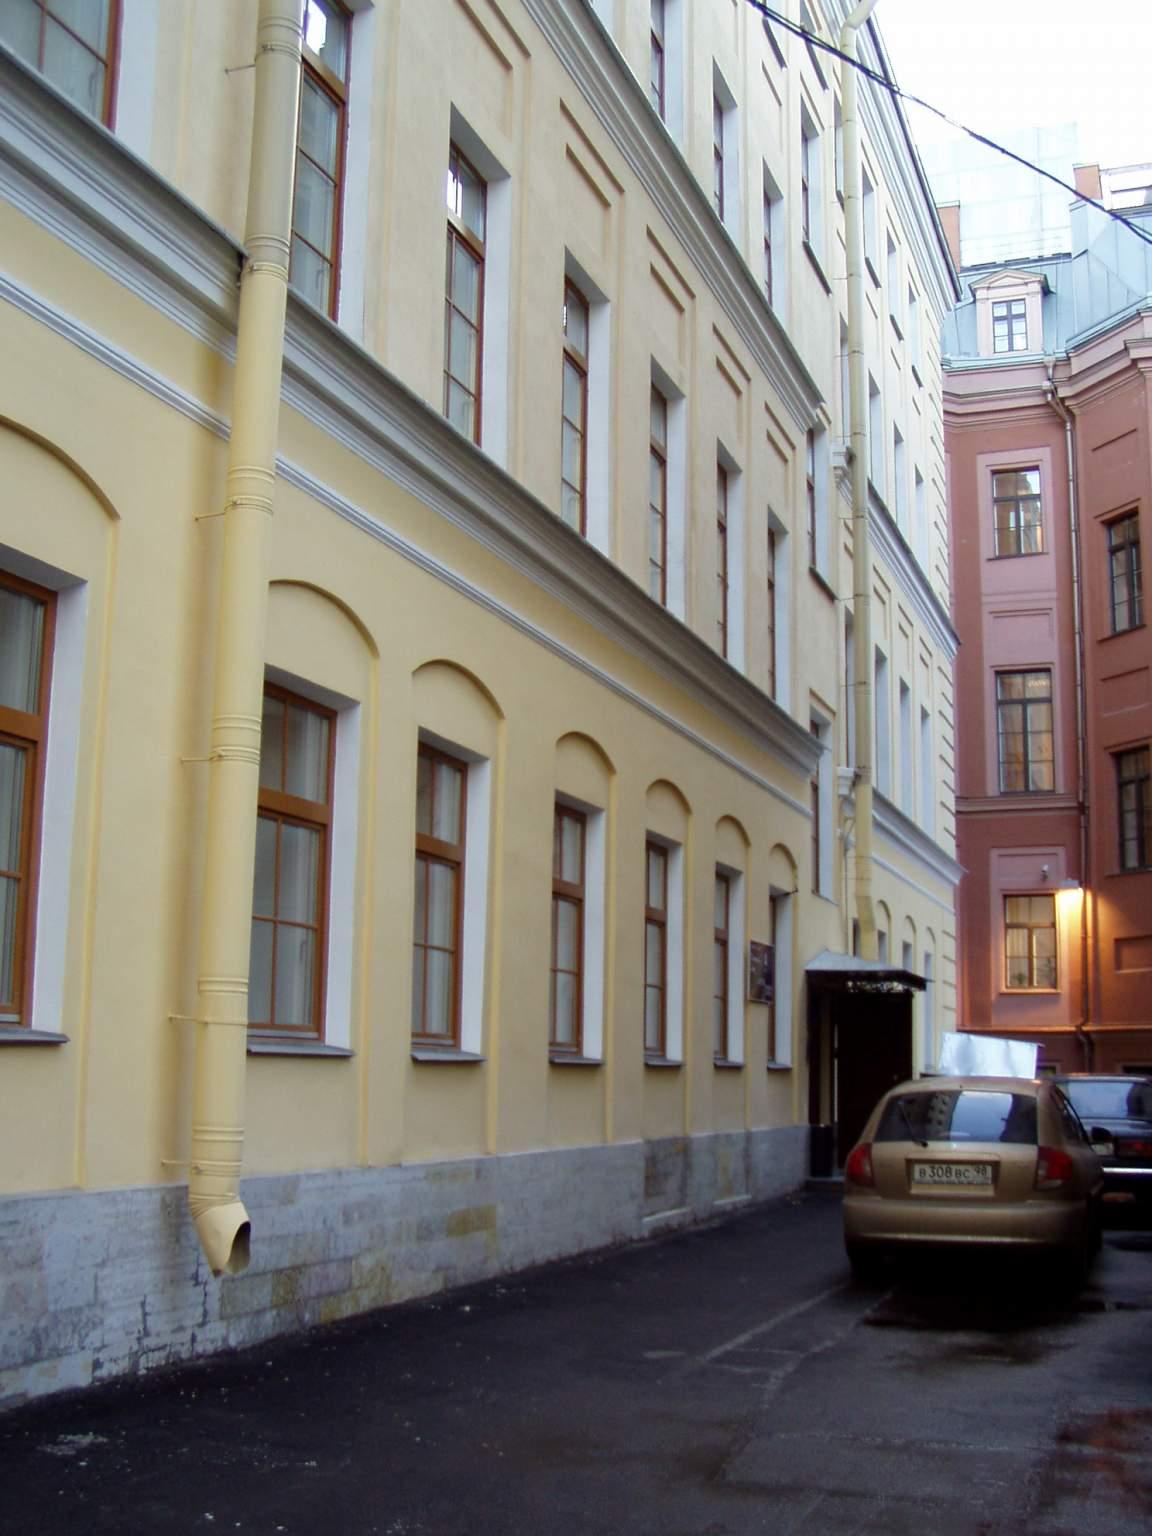 Обзор бизнес-центров Санкт-Петербурга - аренда офиса по доступным ценам - фото2